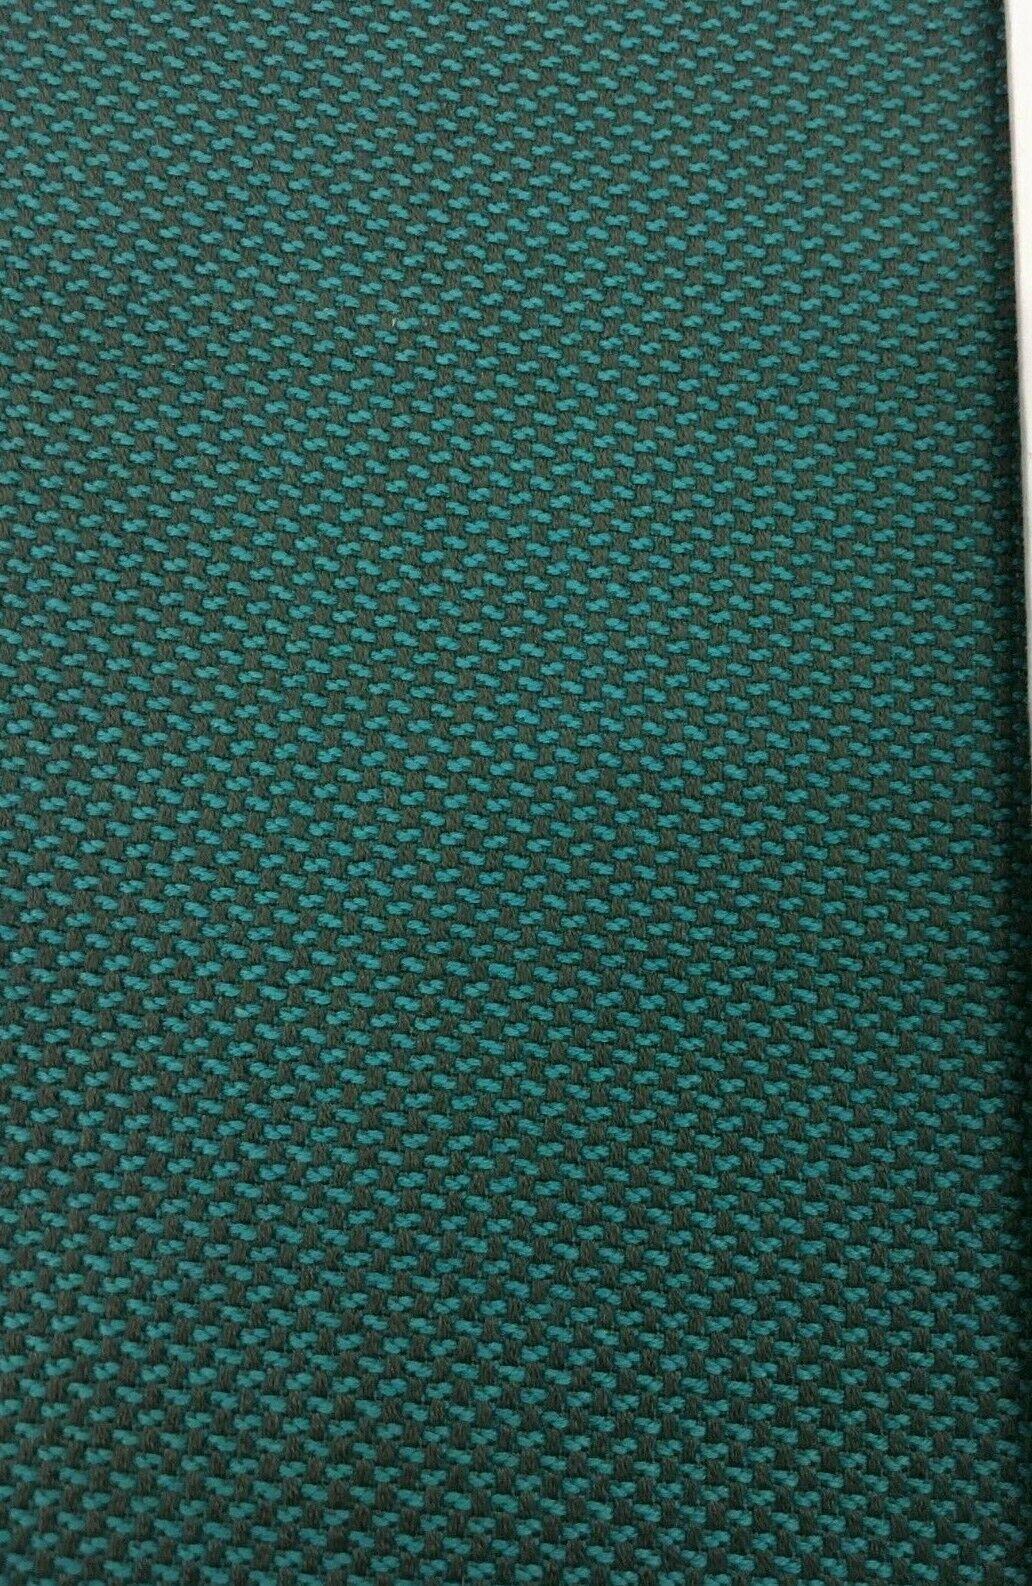 Bleu et Gris Mouchetée Tapisserie Tissu 12.3m Bd